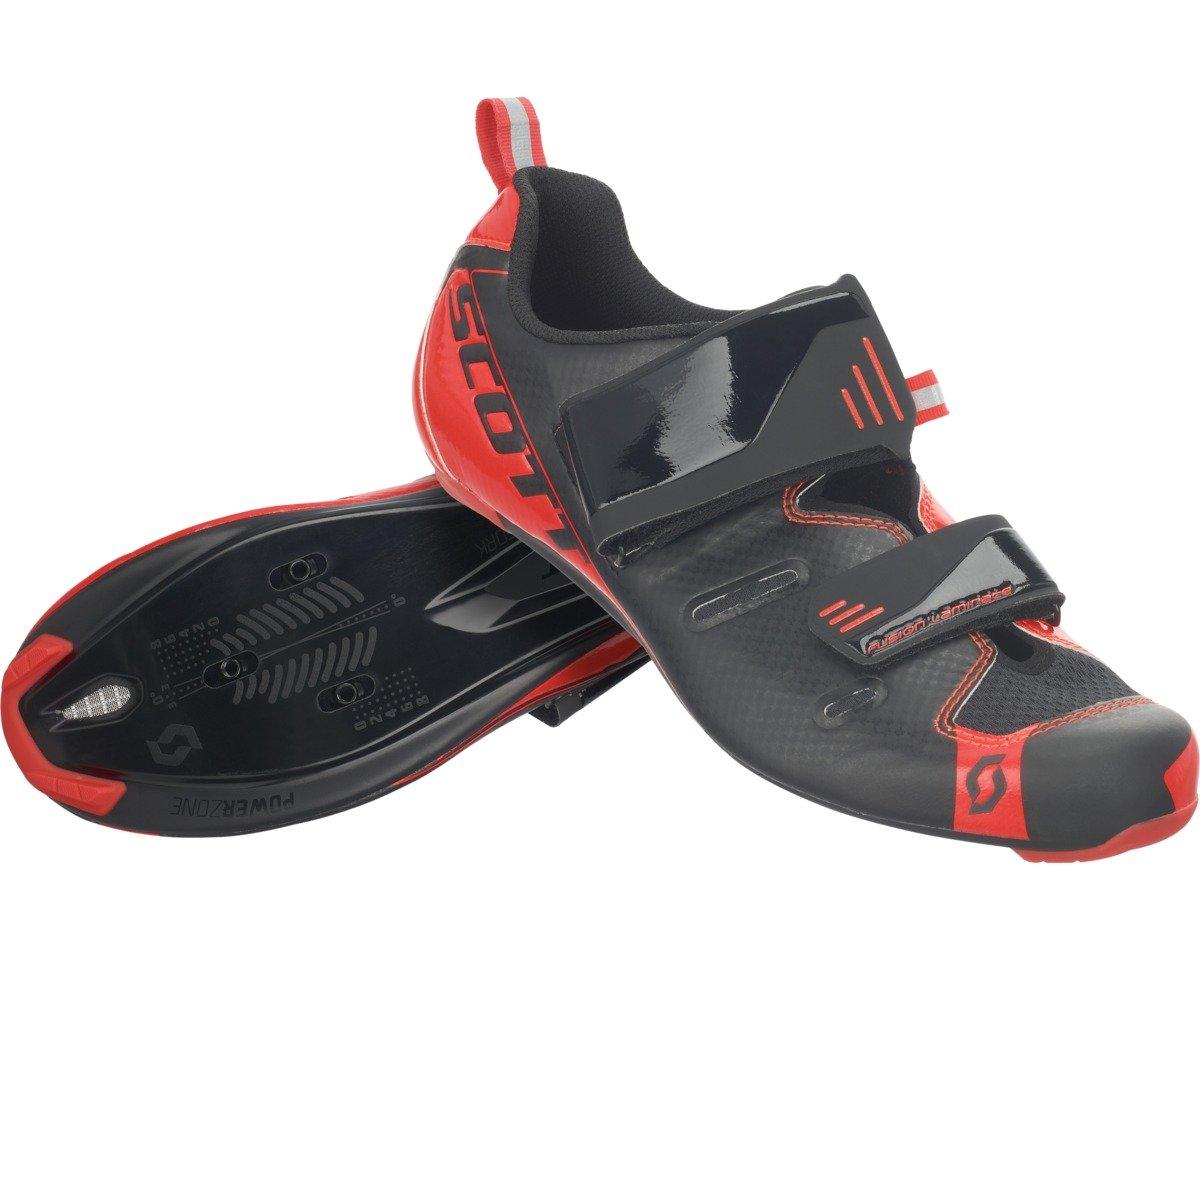 Scott Tri Pro Noir/Rouge Chaussures vélo Triathlon 2018